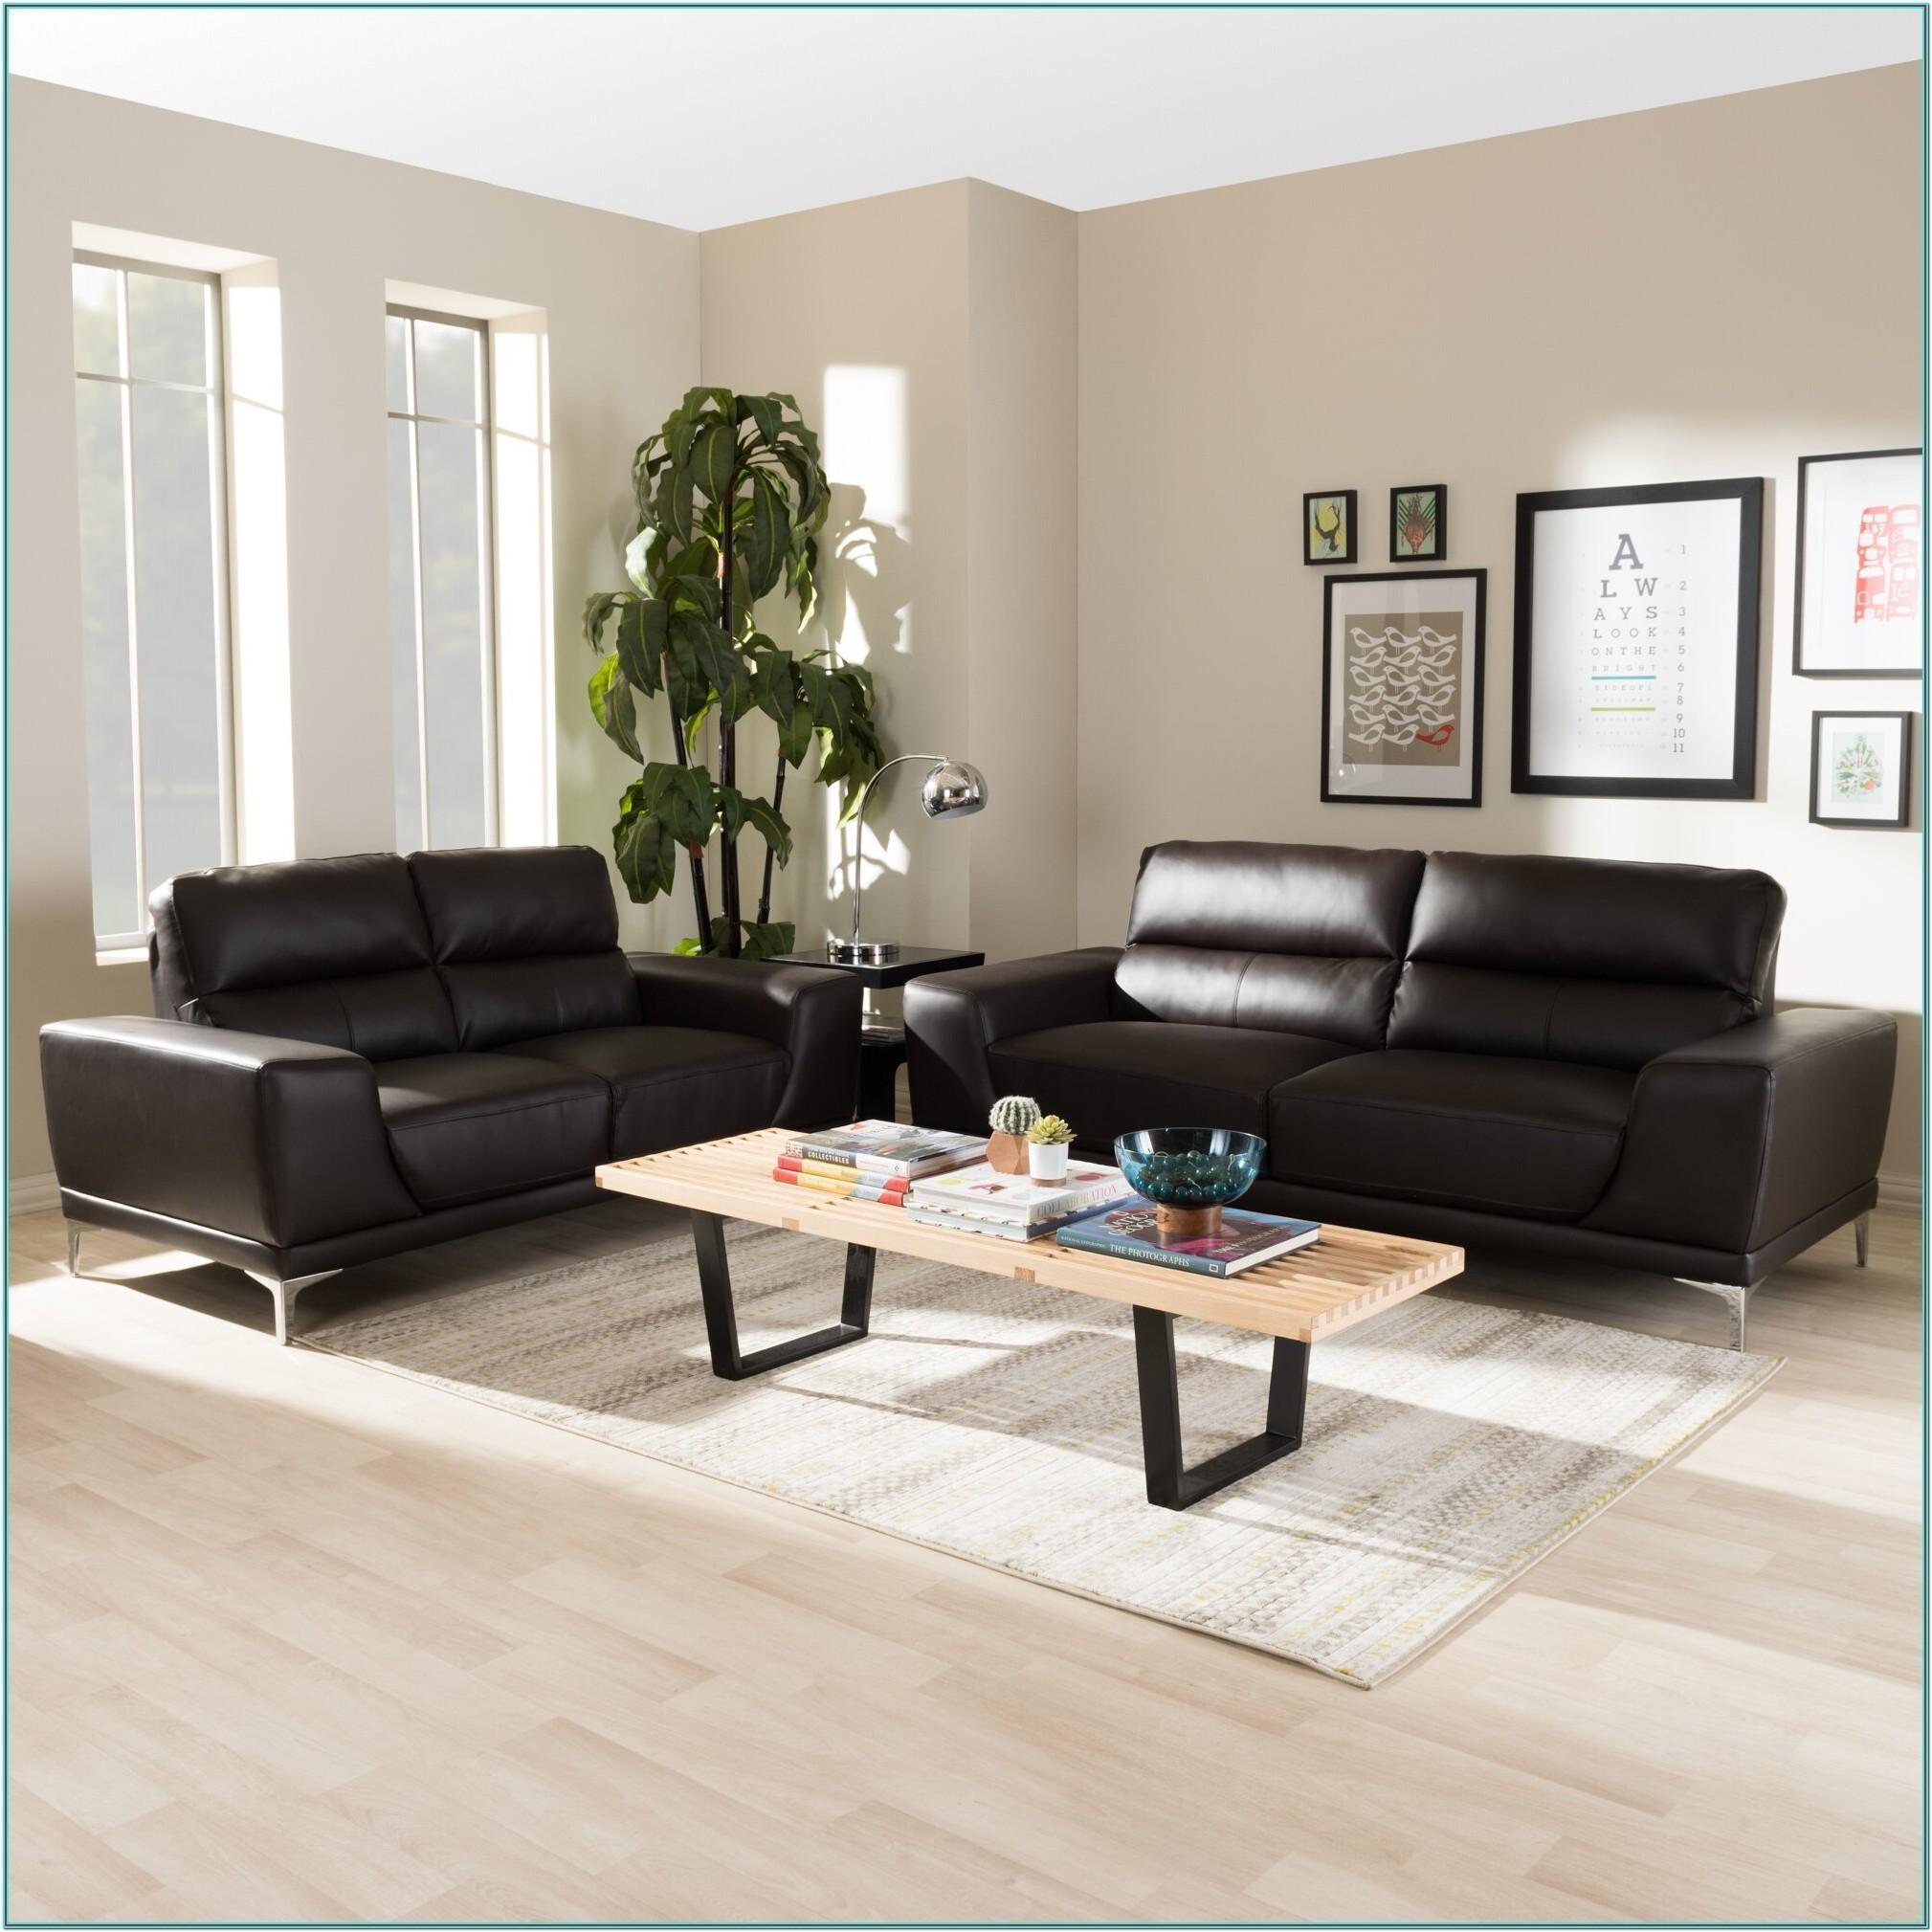 Saphira 2 Piece Living Room Set